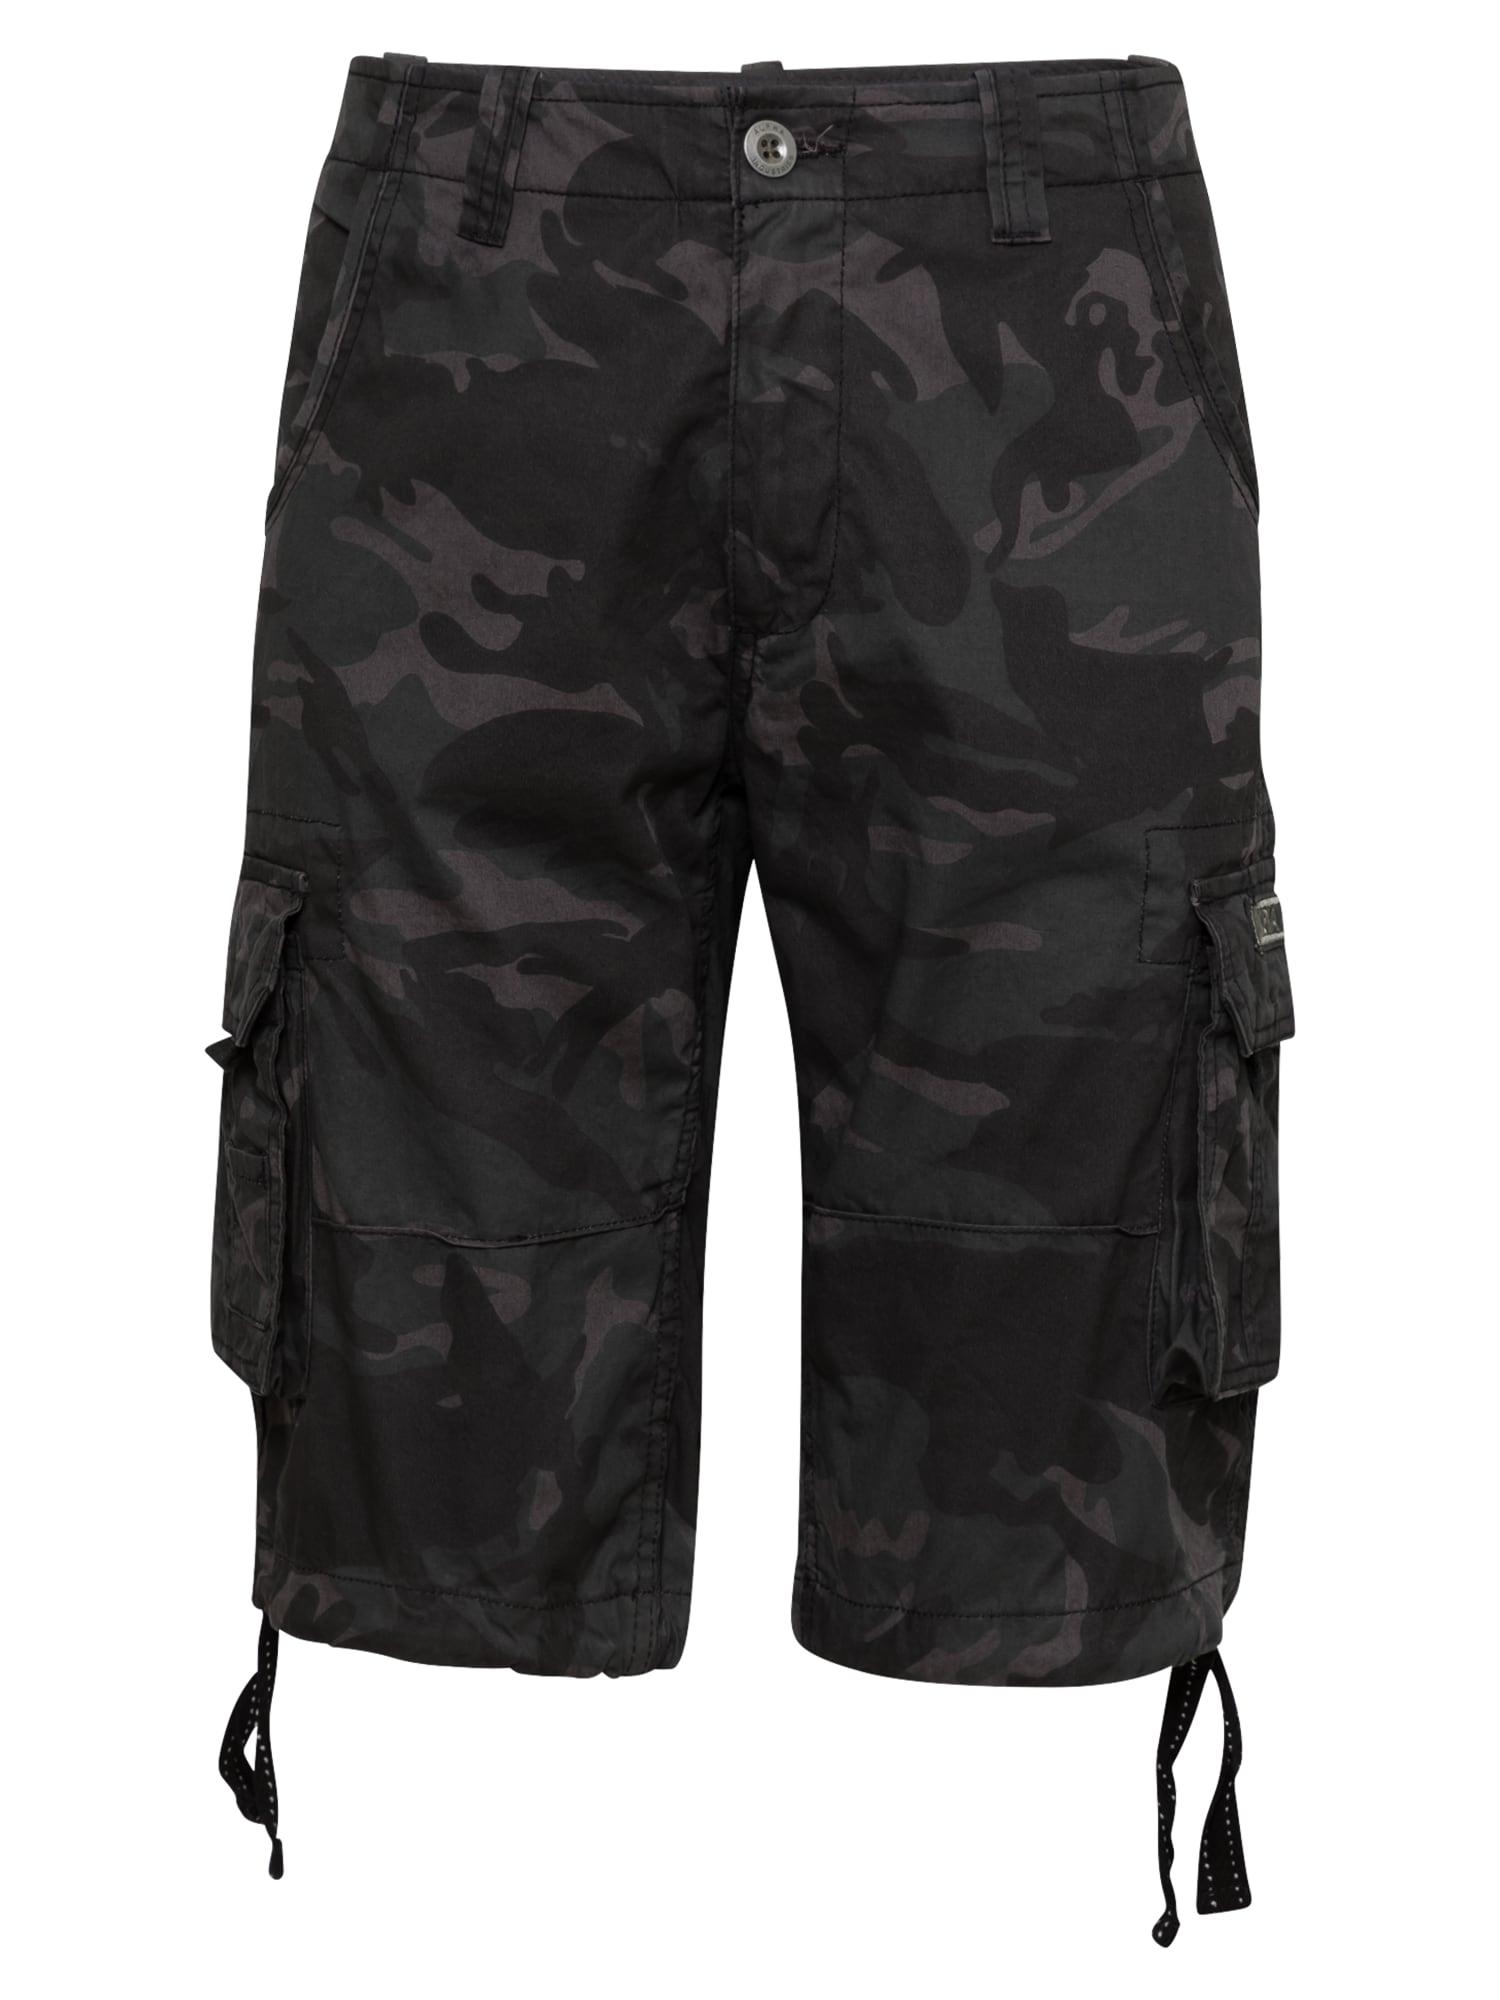 ALPHA INDUSTRIES Laisvo stiliaus kelnės juoda / įdegio spalva / antracito spalva